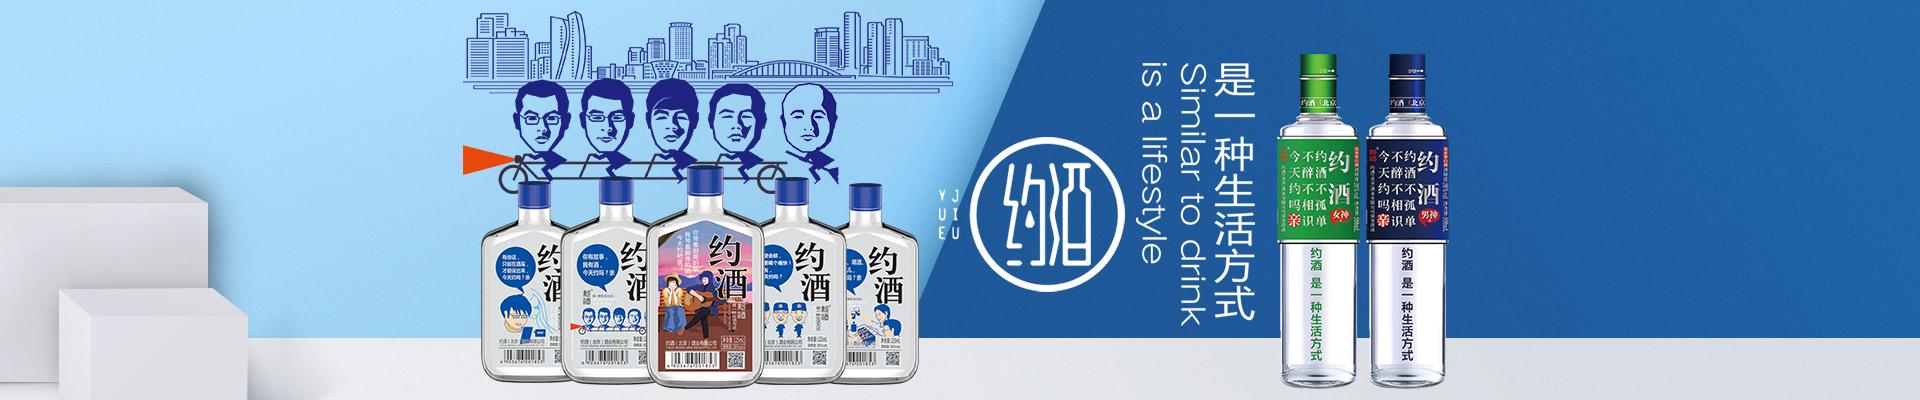 约酒(北京)酒业有限公司